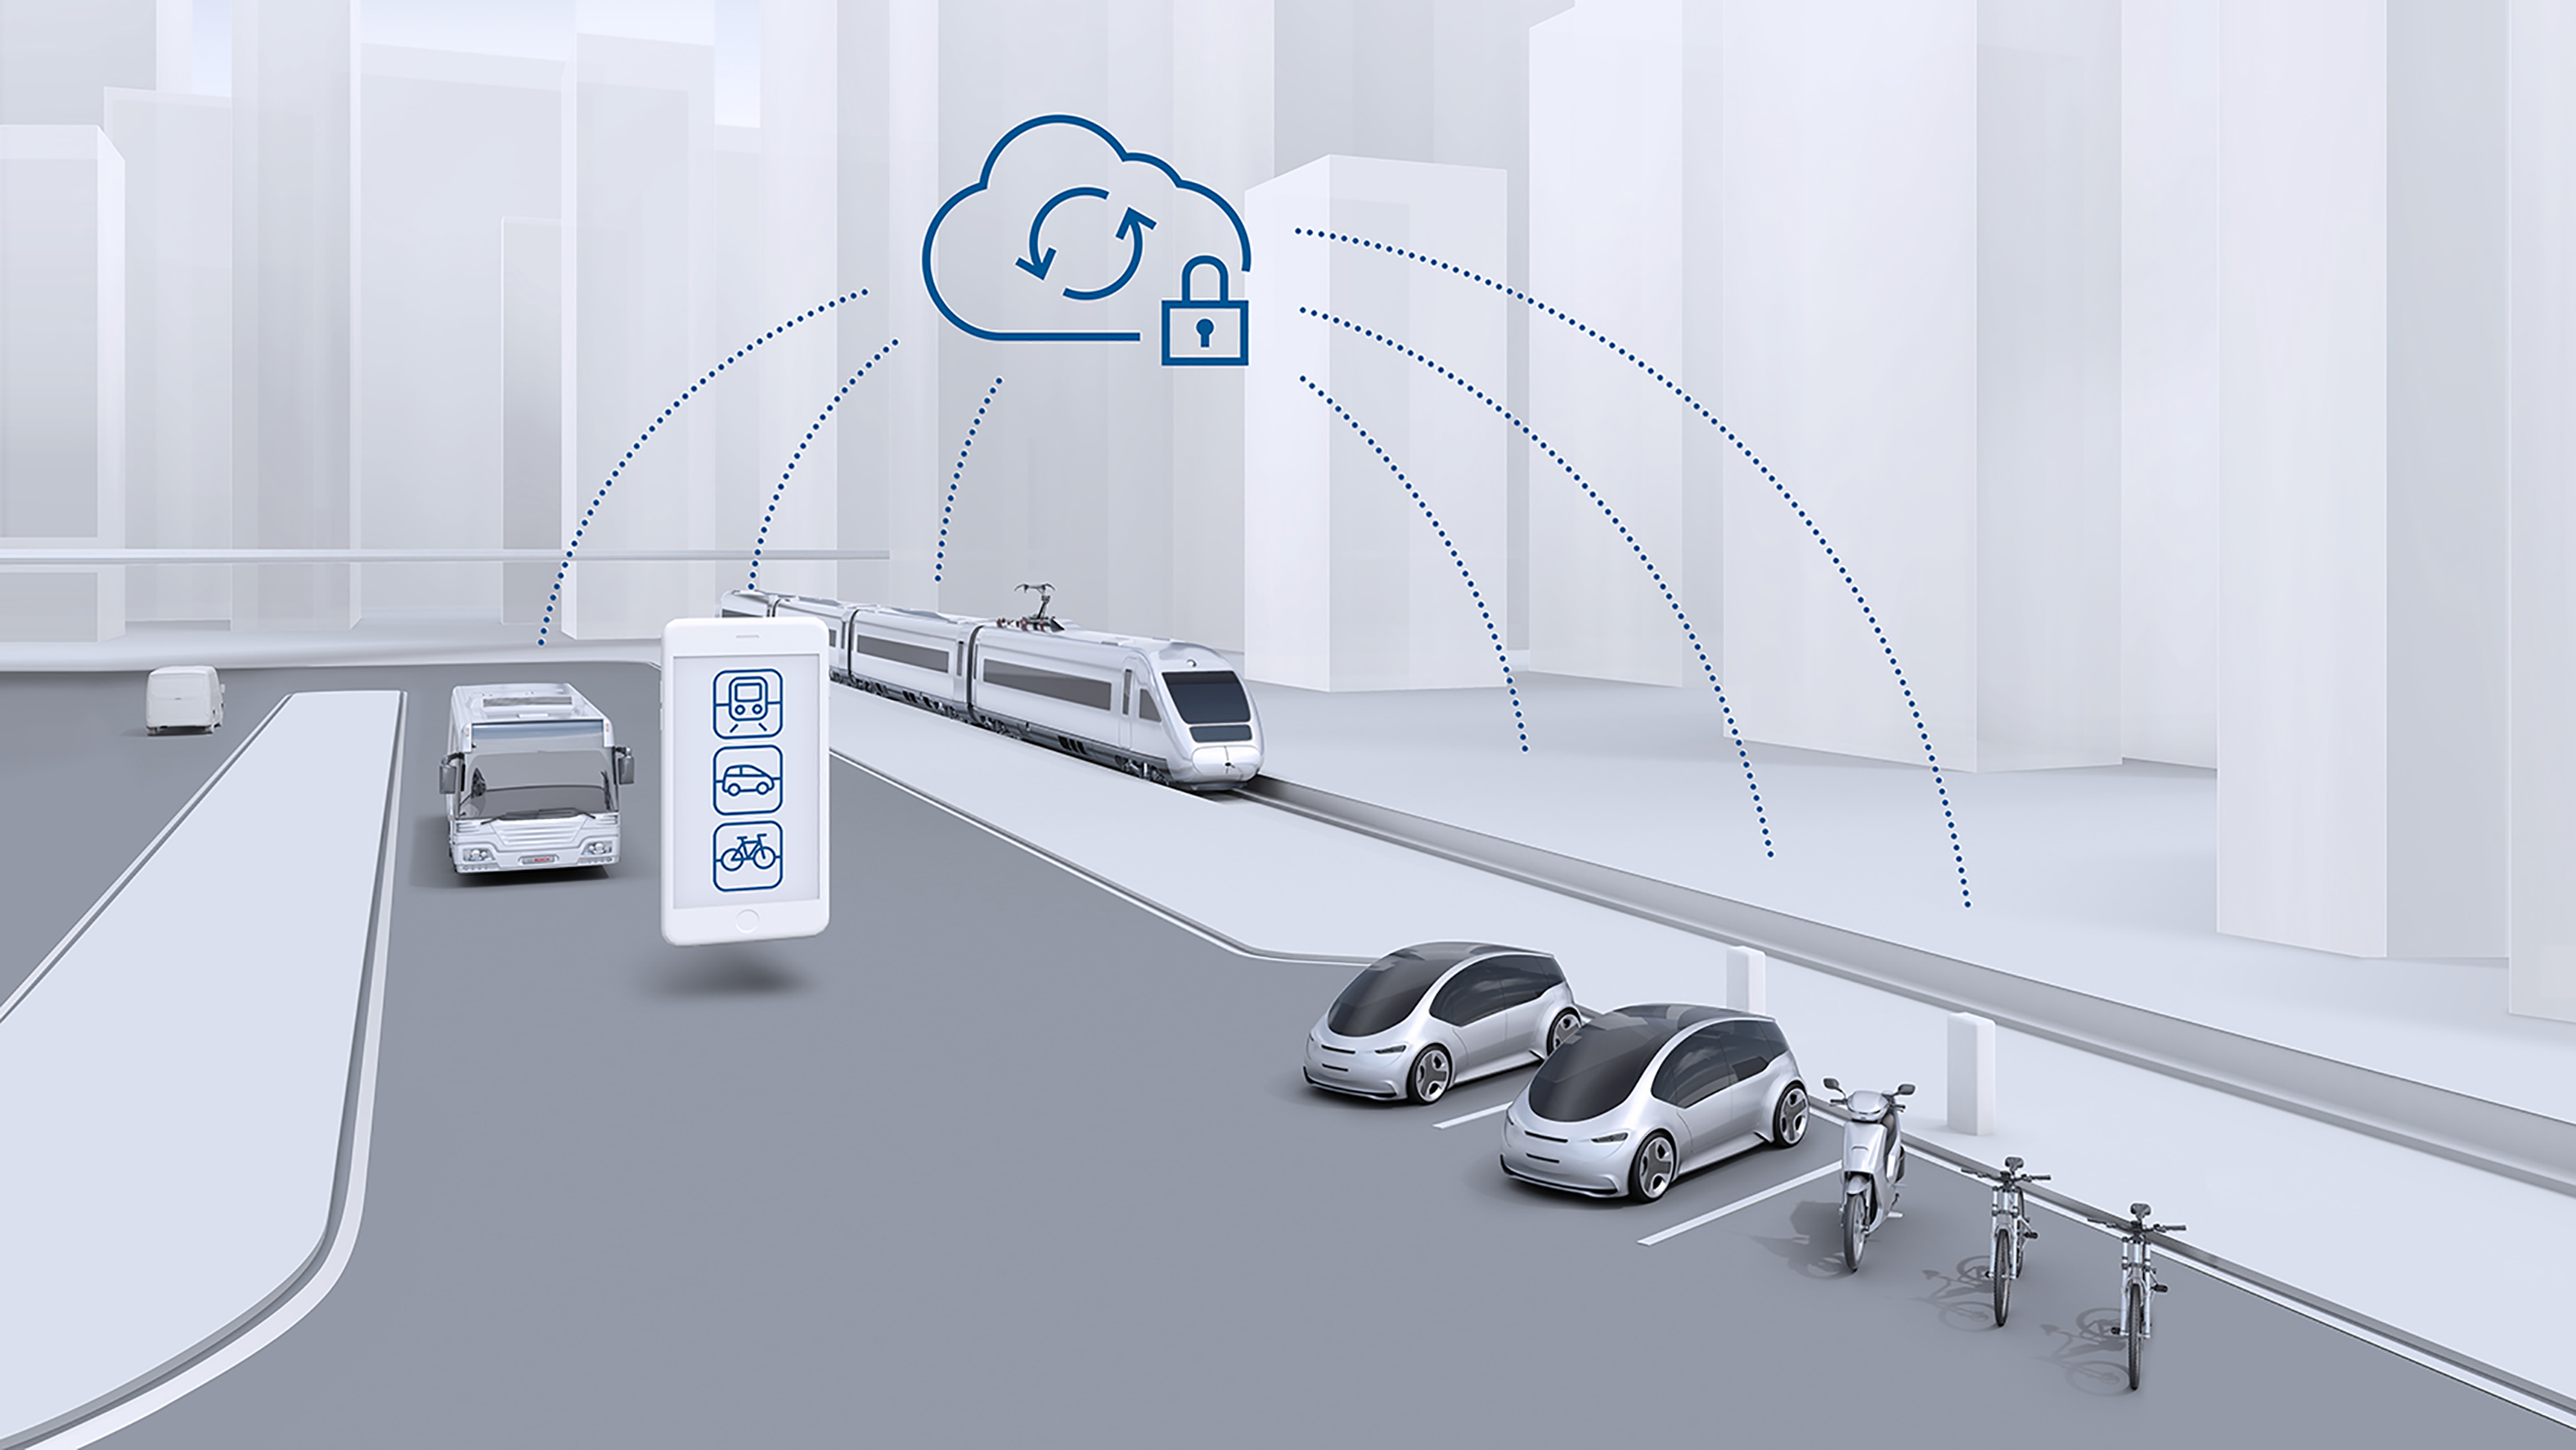 Jak Bosch mění jízdu pomocí propojených služeb